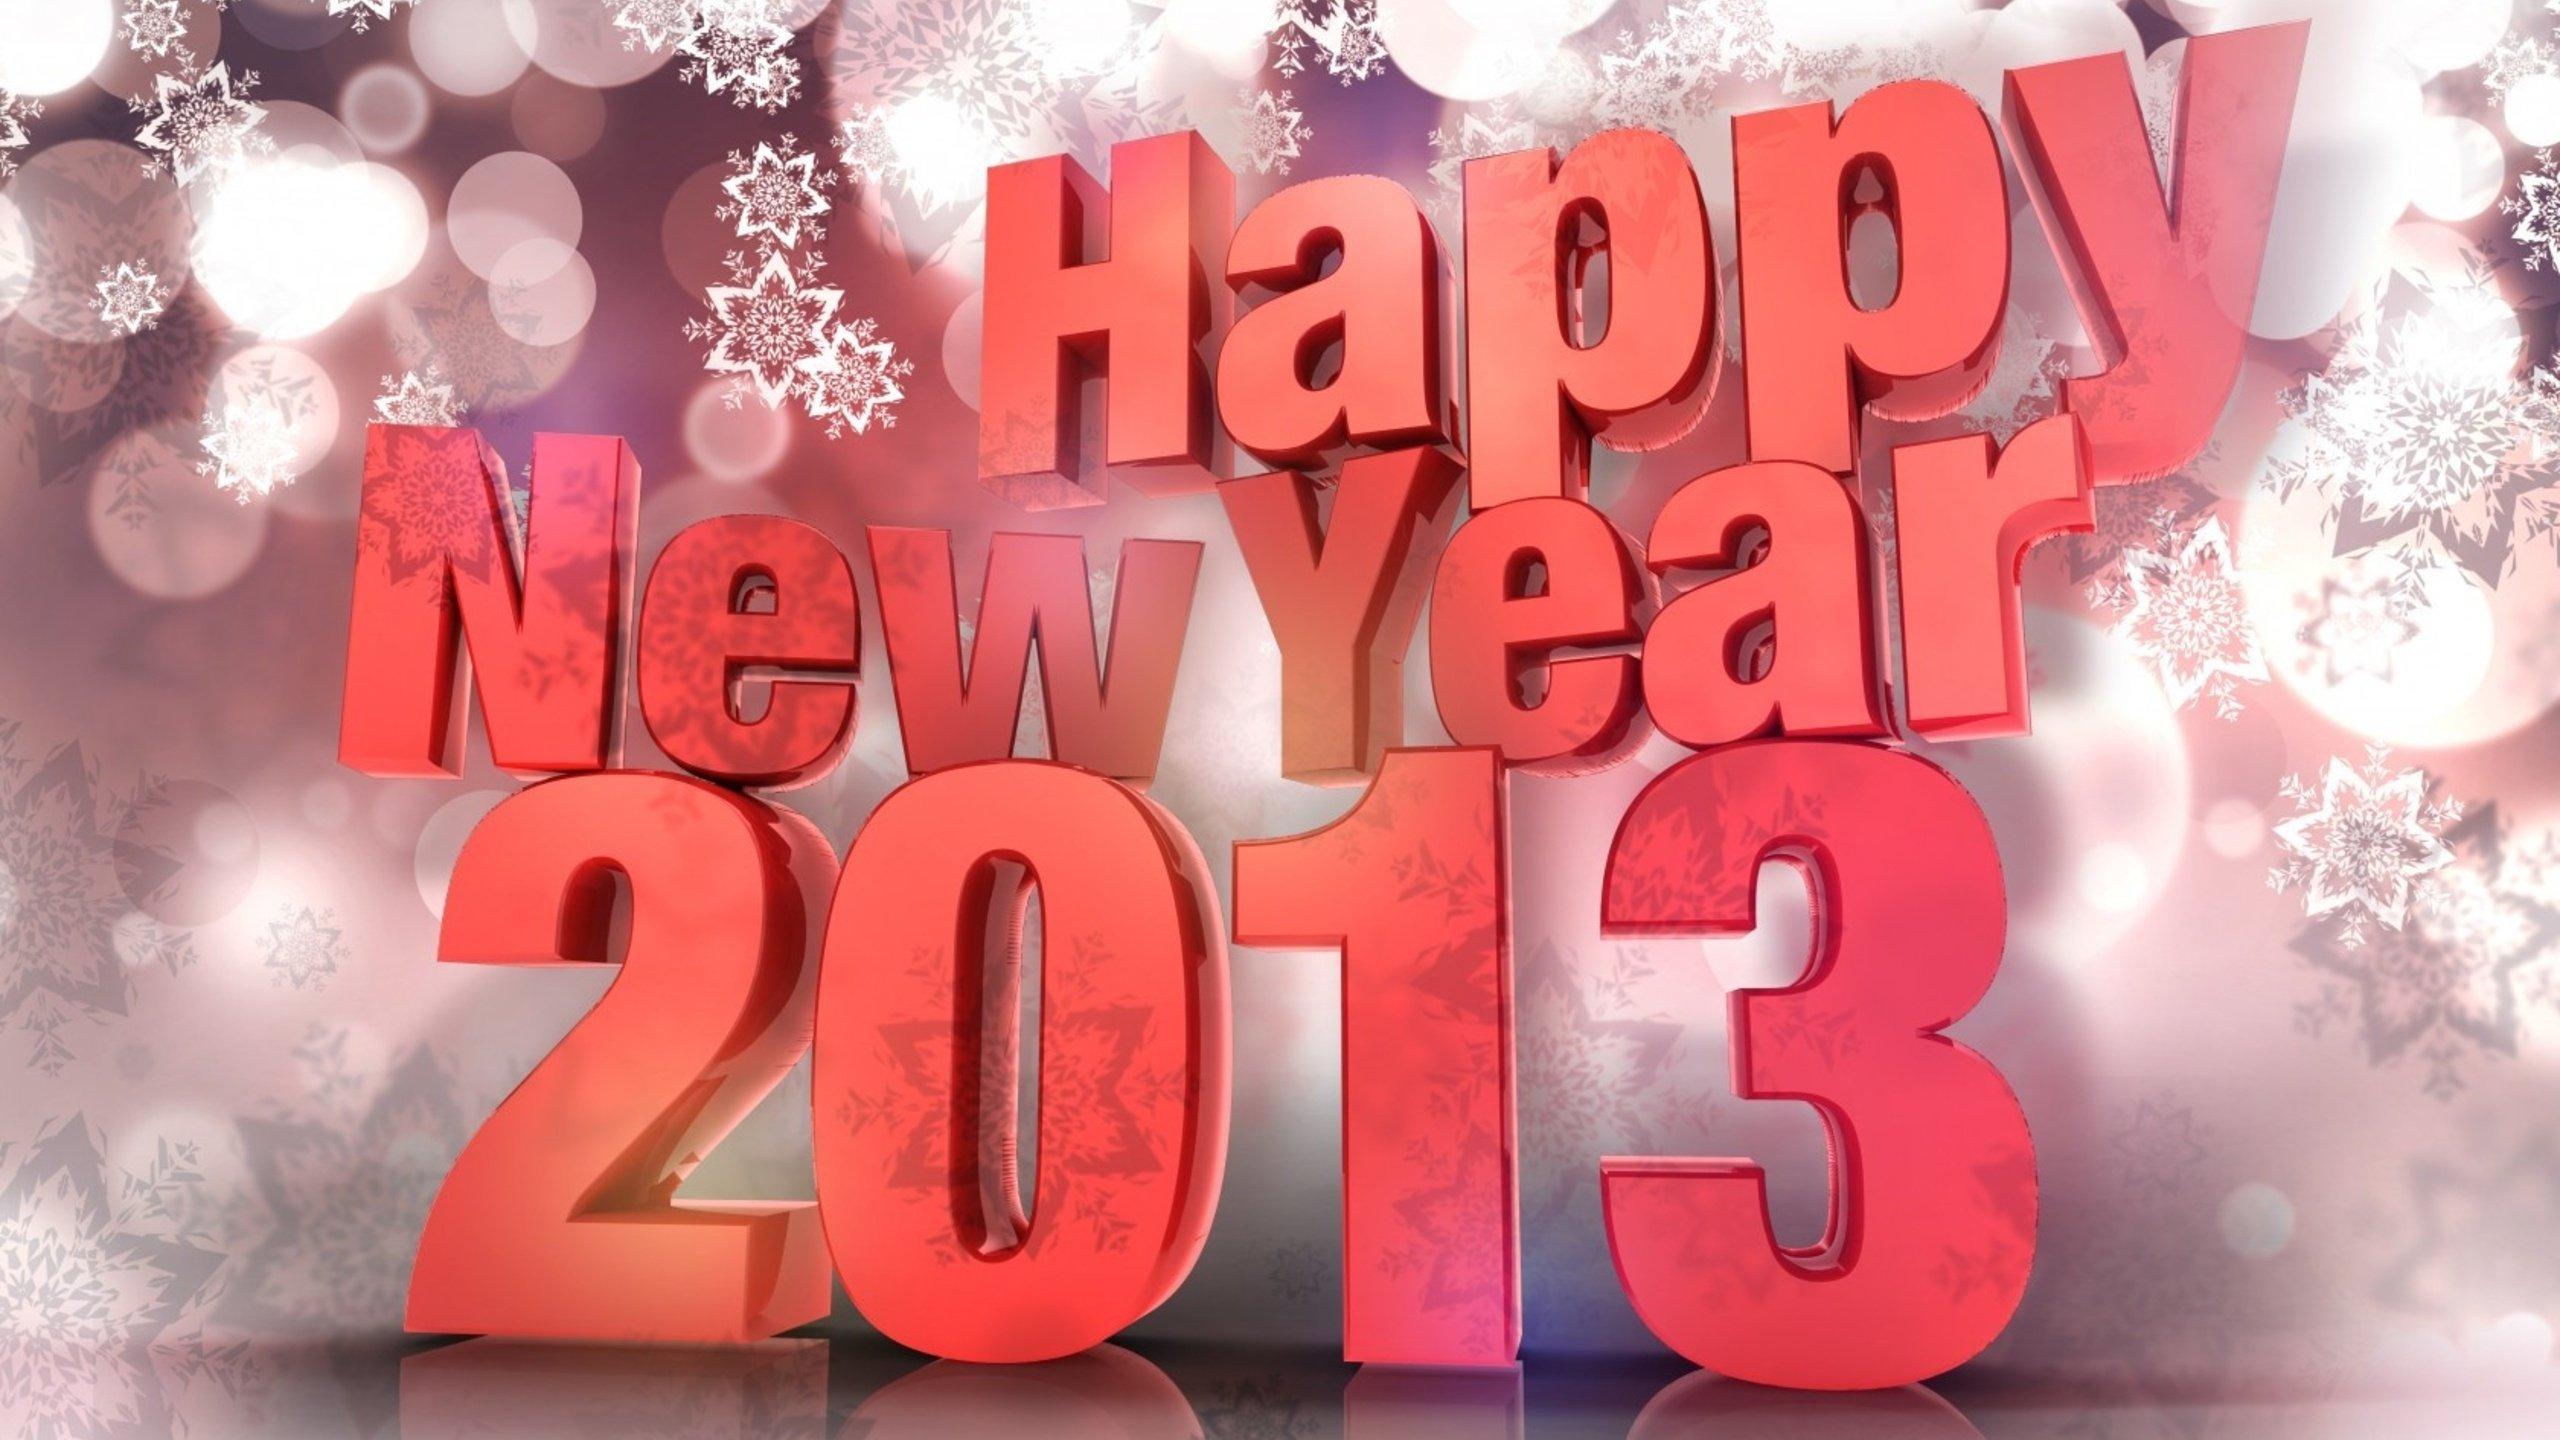 Открытки 2013 годом